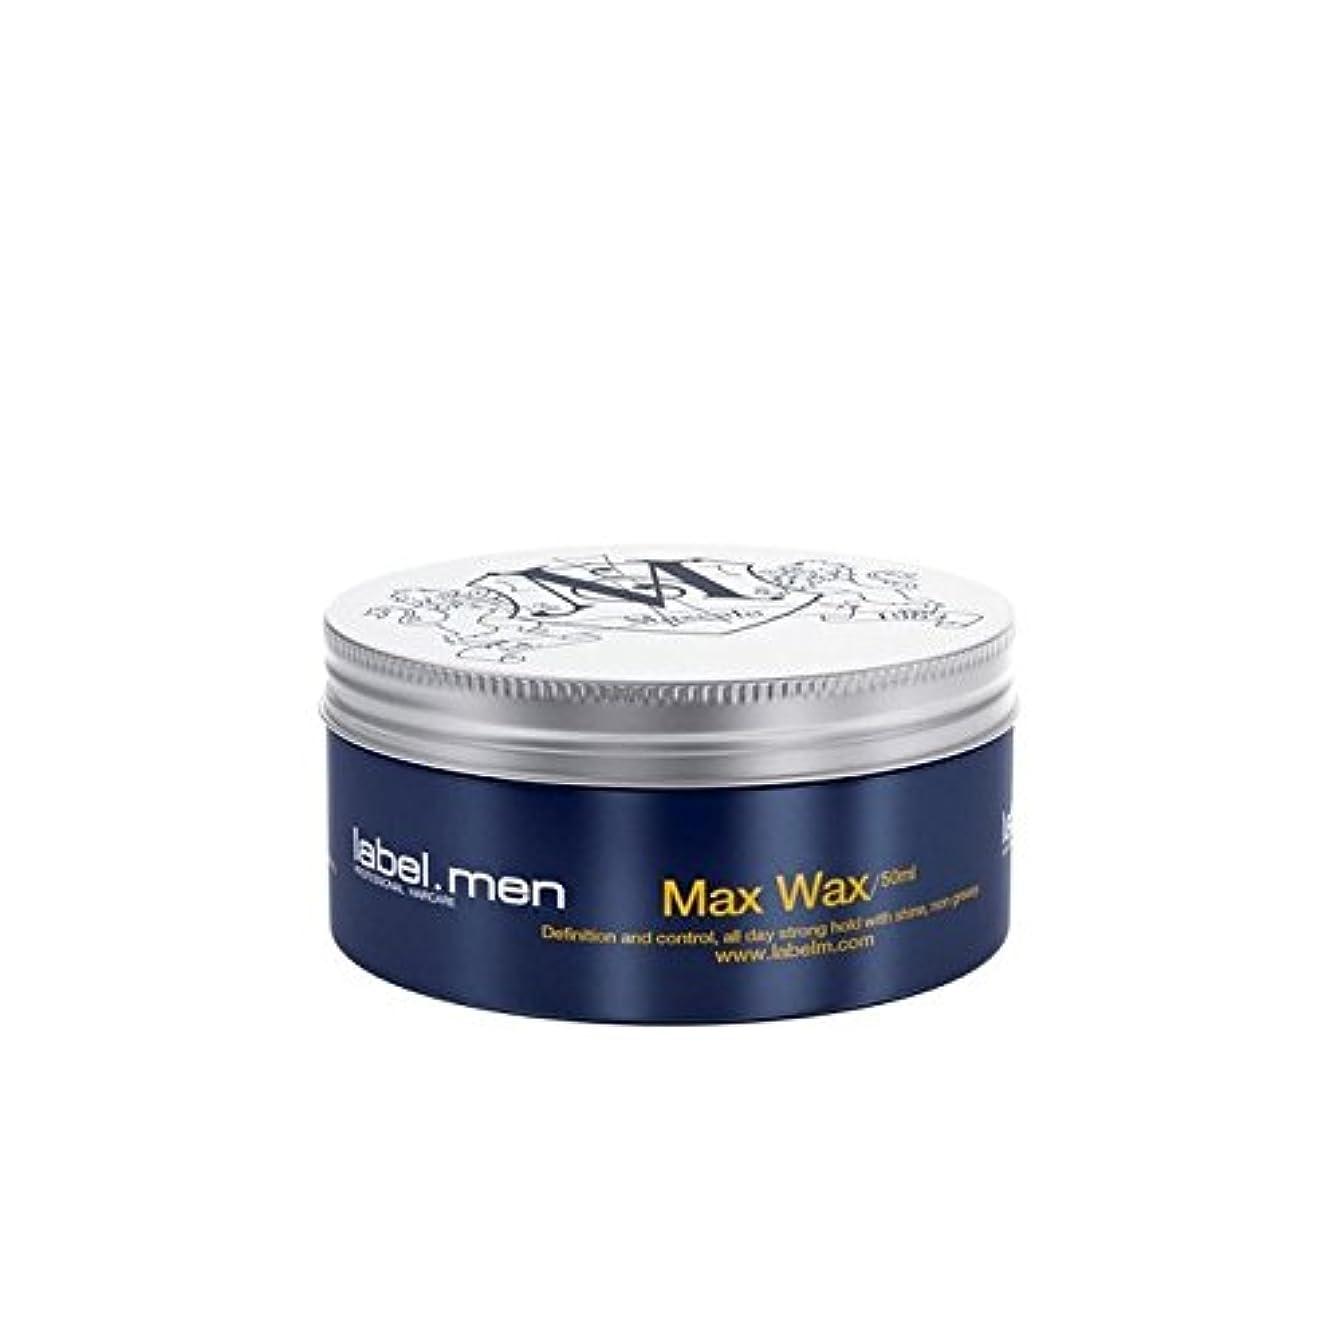 スカーフ積極的に生物学.マックスワックス(50ミリリットル) x2 - Label.Men Max Wax (50ml) (Pack of 2) [並行輸入品]